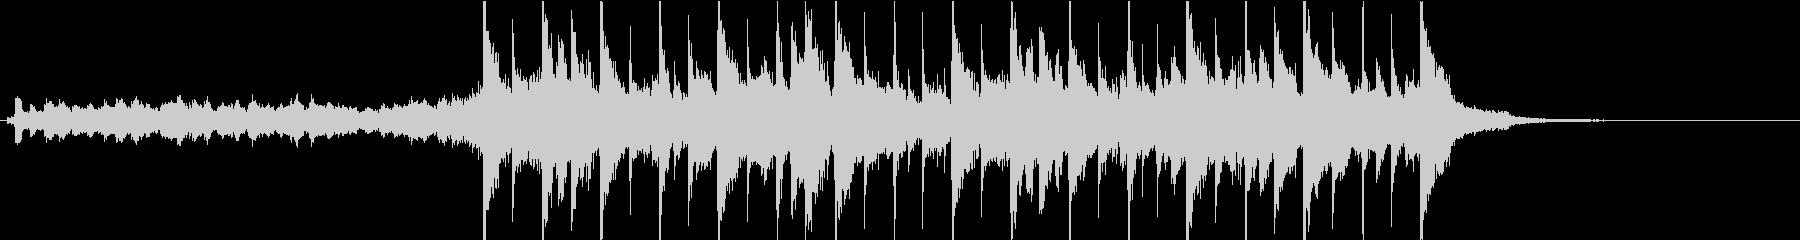 弦楽、ピアノ、ベル、チャイム、ベー...の未再生の波形